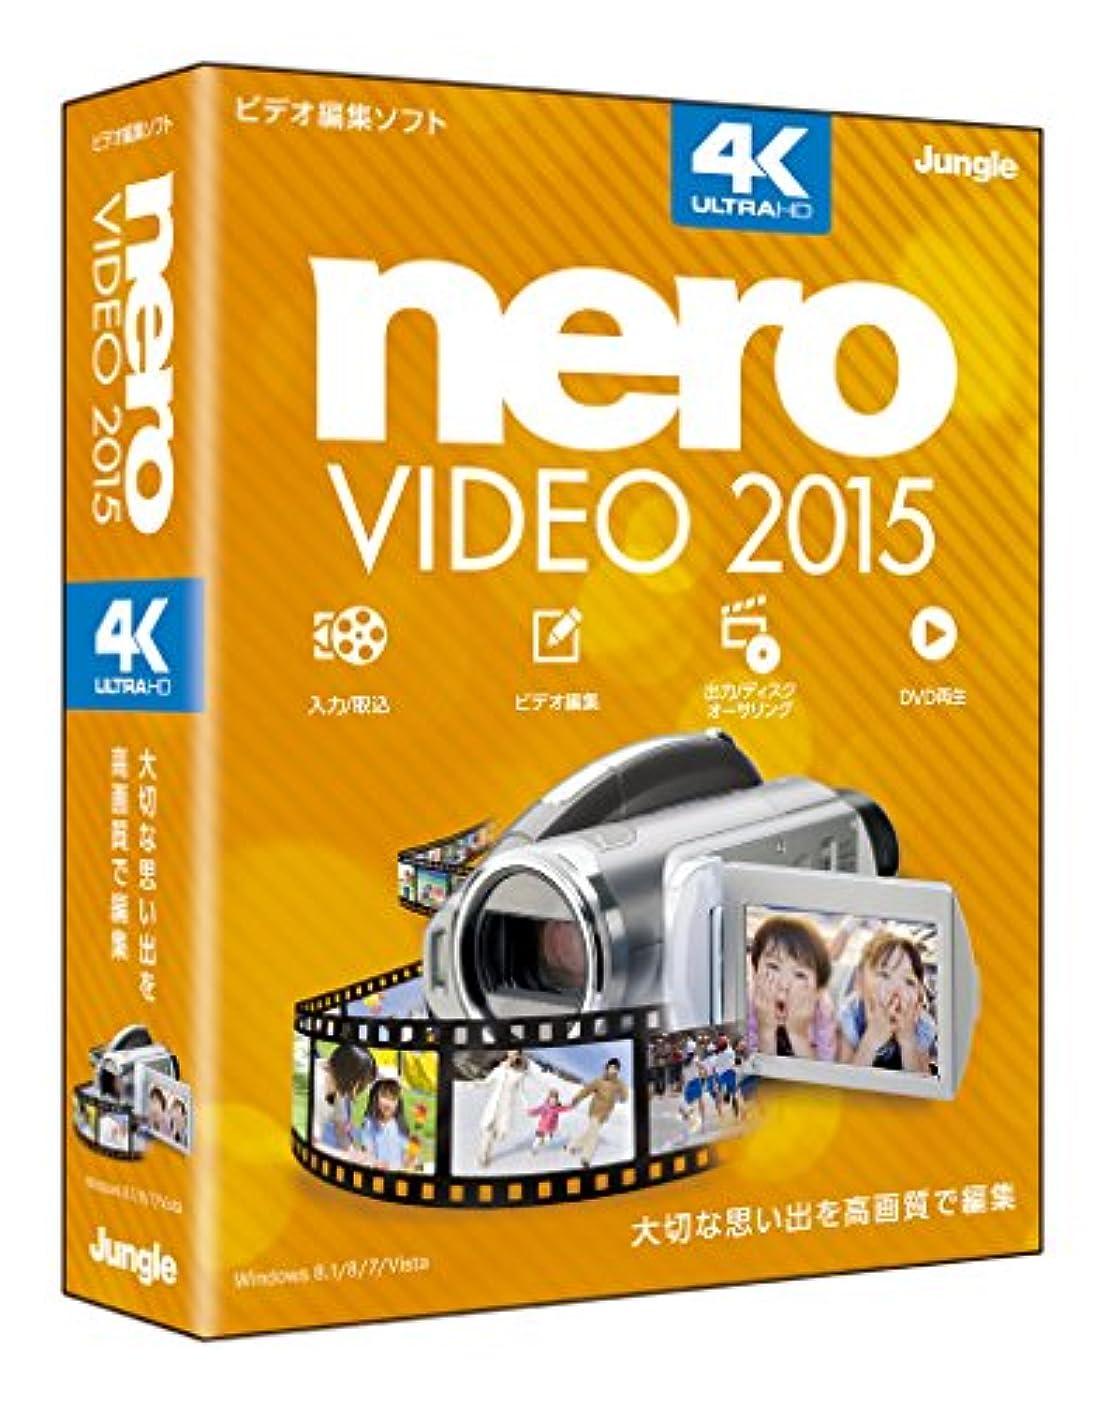 参照する報酬領事館Nero Video 2015